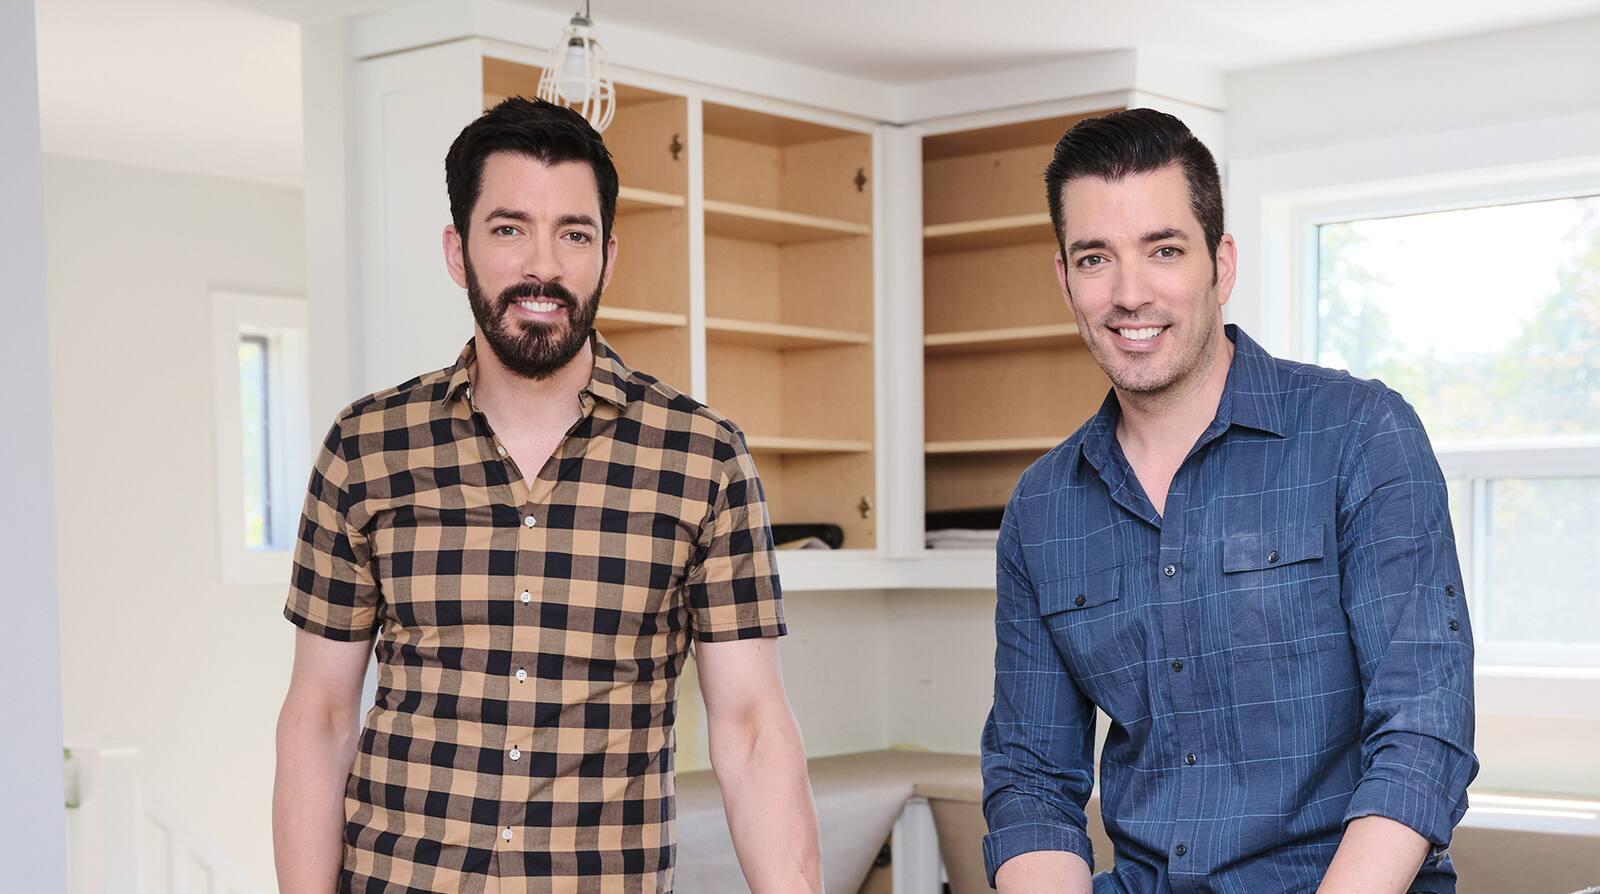 Les frères Scott : une maison pour la vie